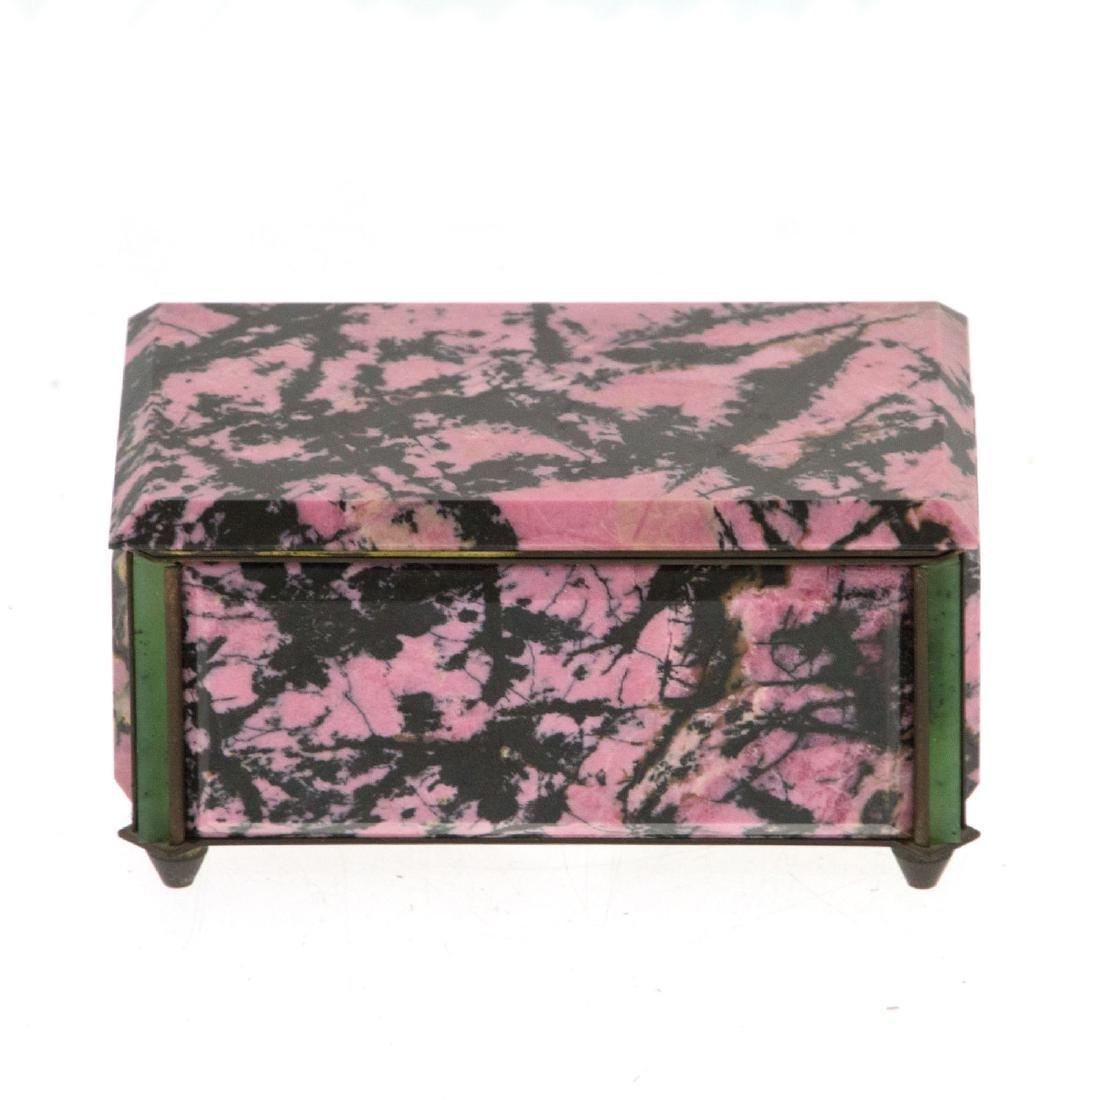 Rhodonite and Aventurine Jewelry Box.